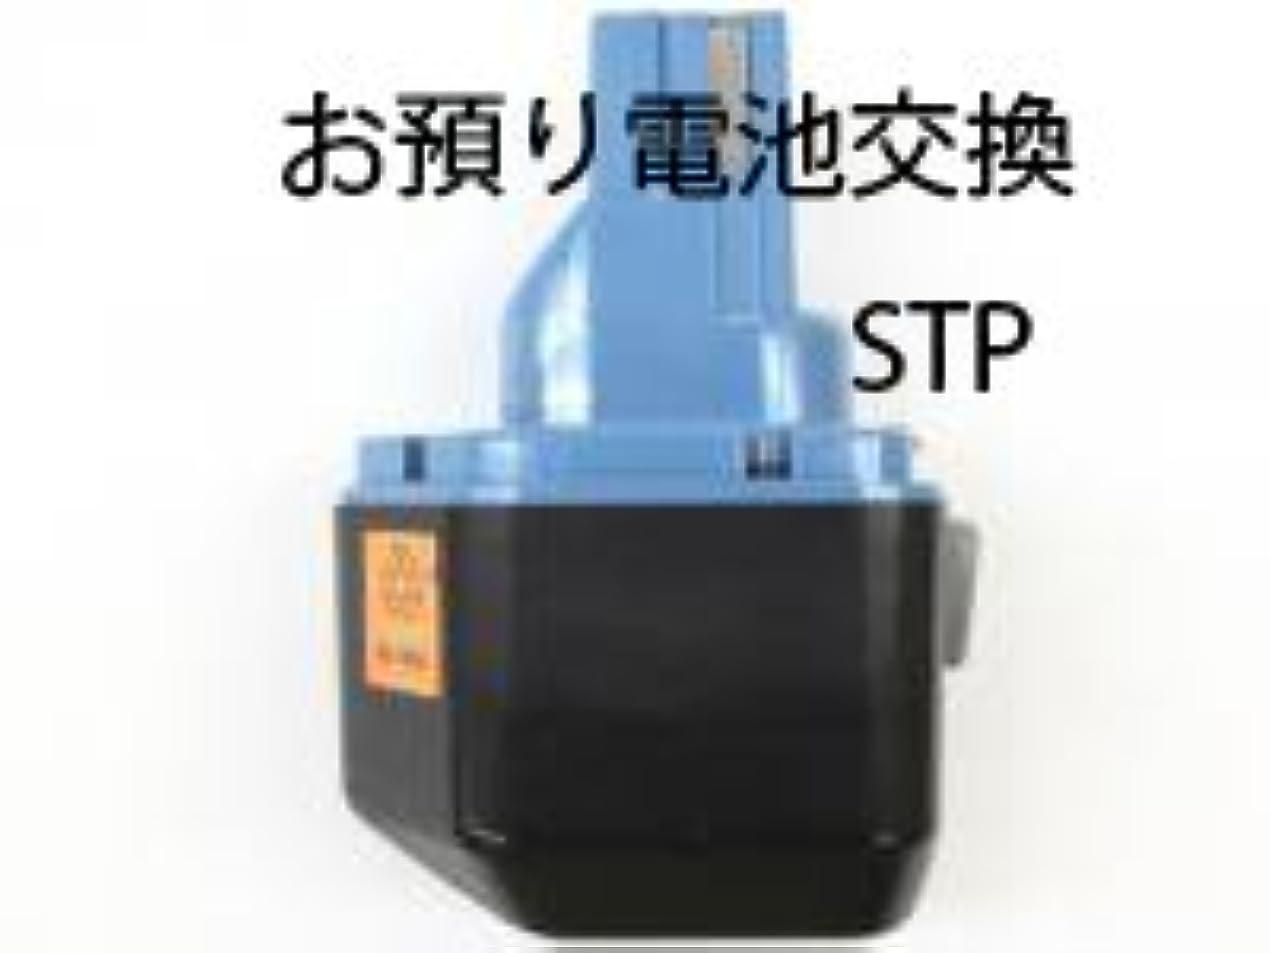 精緻化夏コモランマIZUMI電動工具(BP70MH)バッテリーパック 預りセル交換